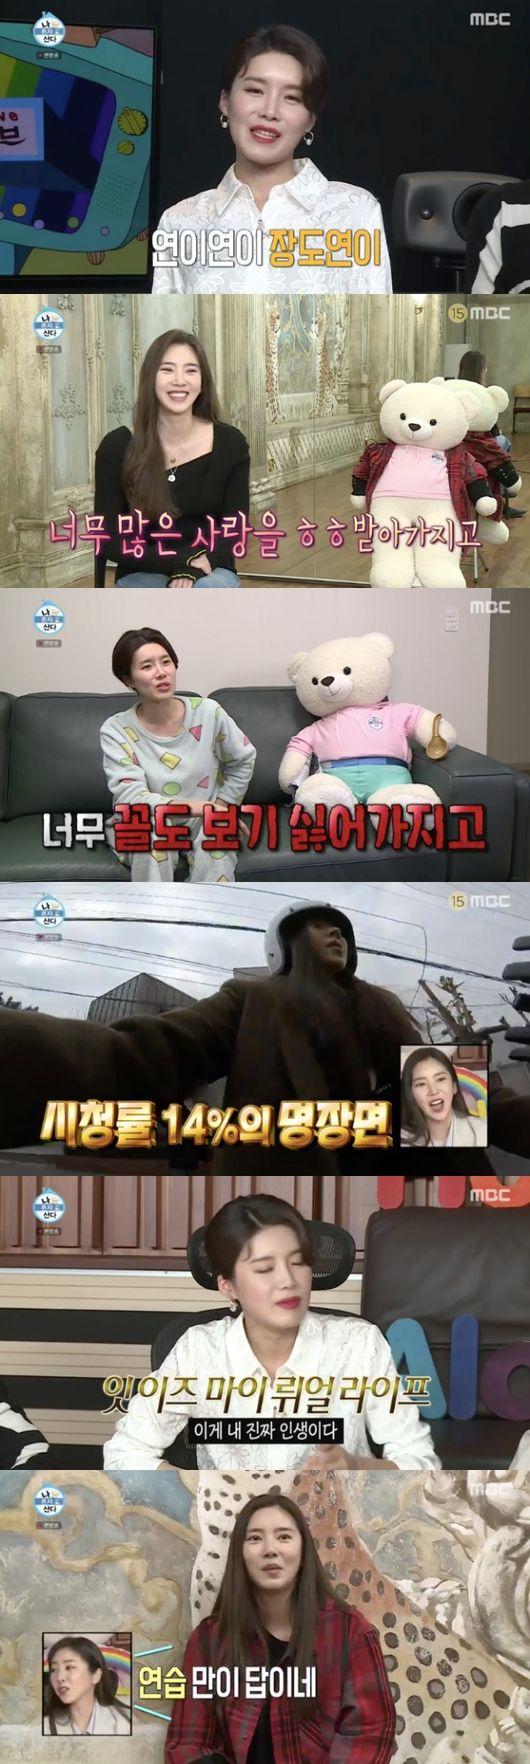 [사진=MBC 방송화면] '나 혼자 산다'에서 장도연과 손담비가 일상을 공개했다.